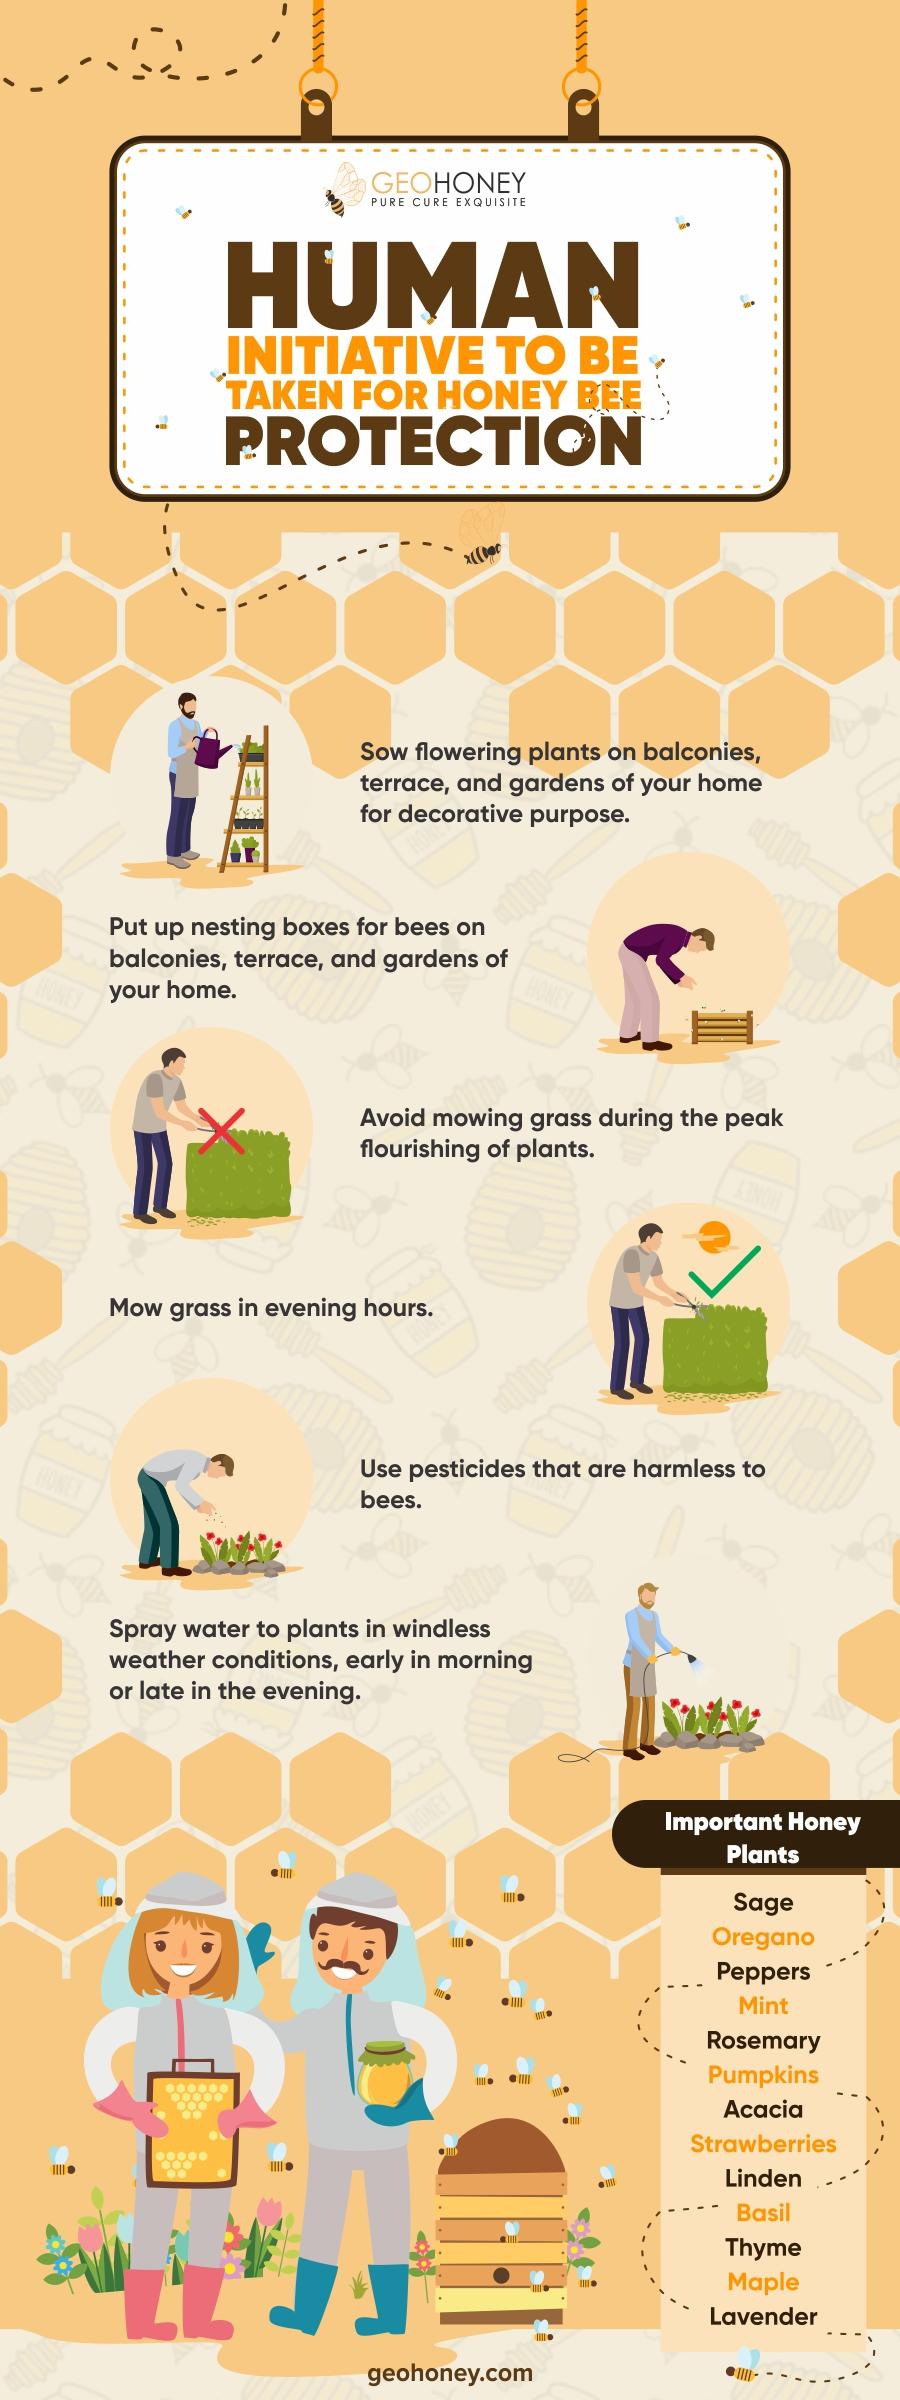 Honey Bee Protection - Geohoney